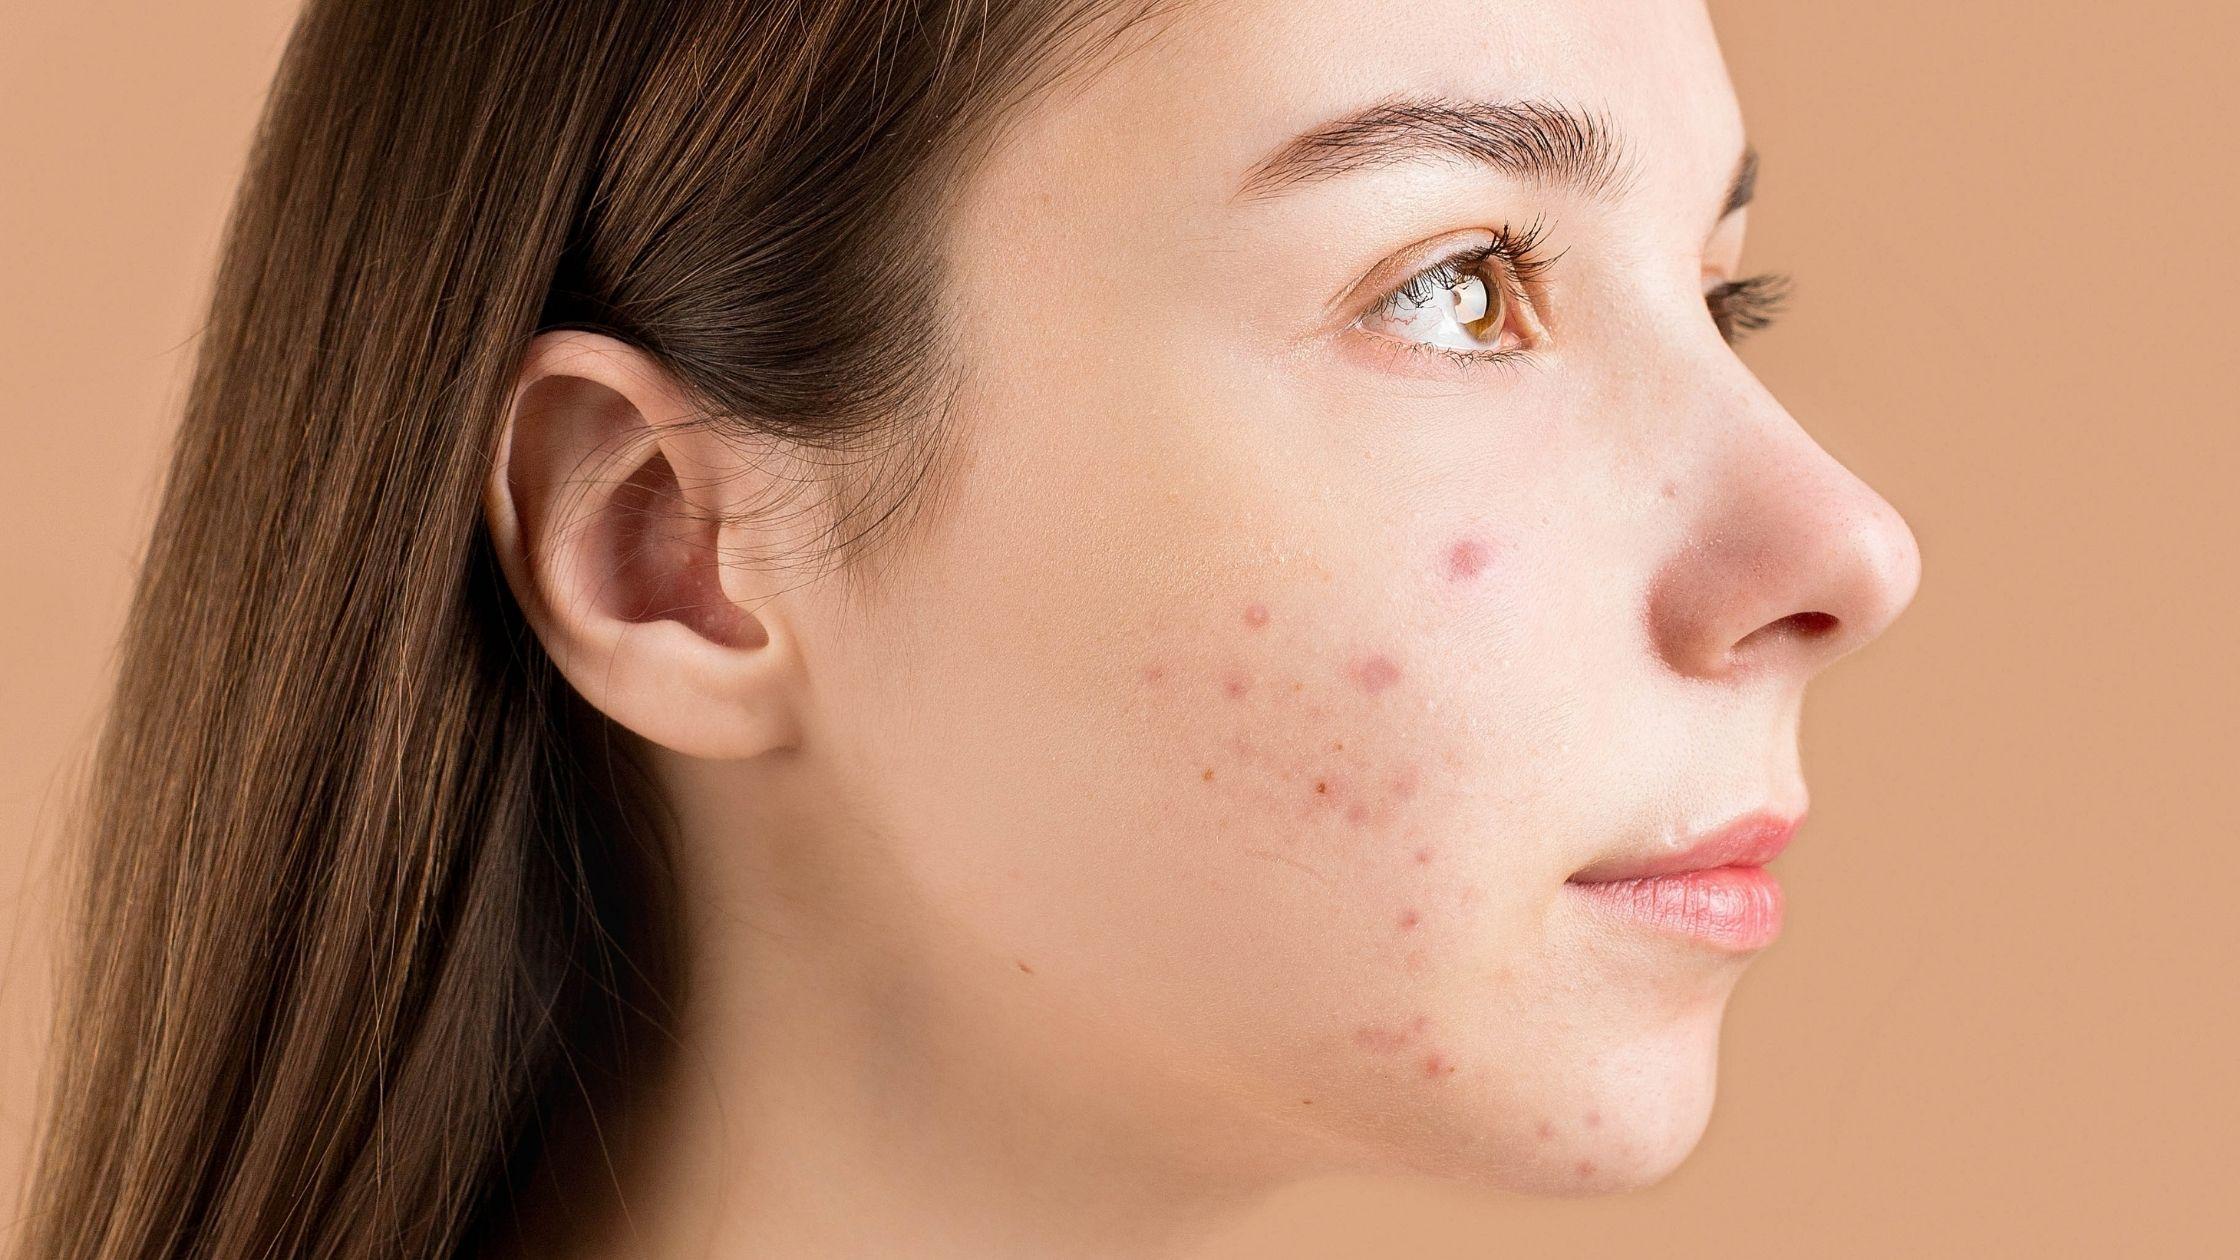 Acne nodular causas tratamiento remedios caseros y prevencion